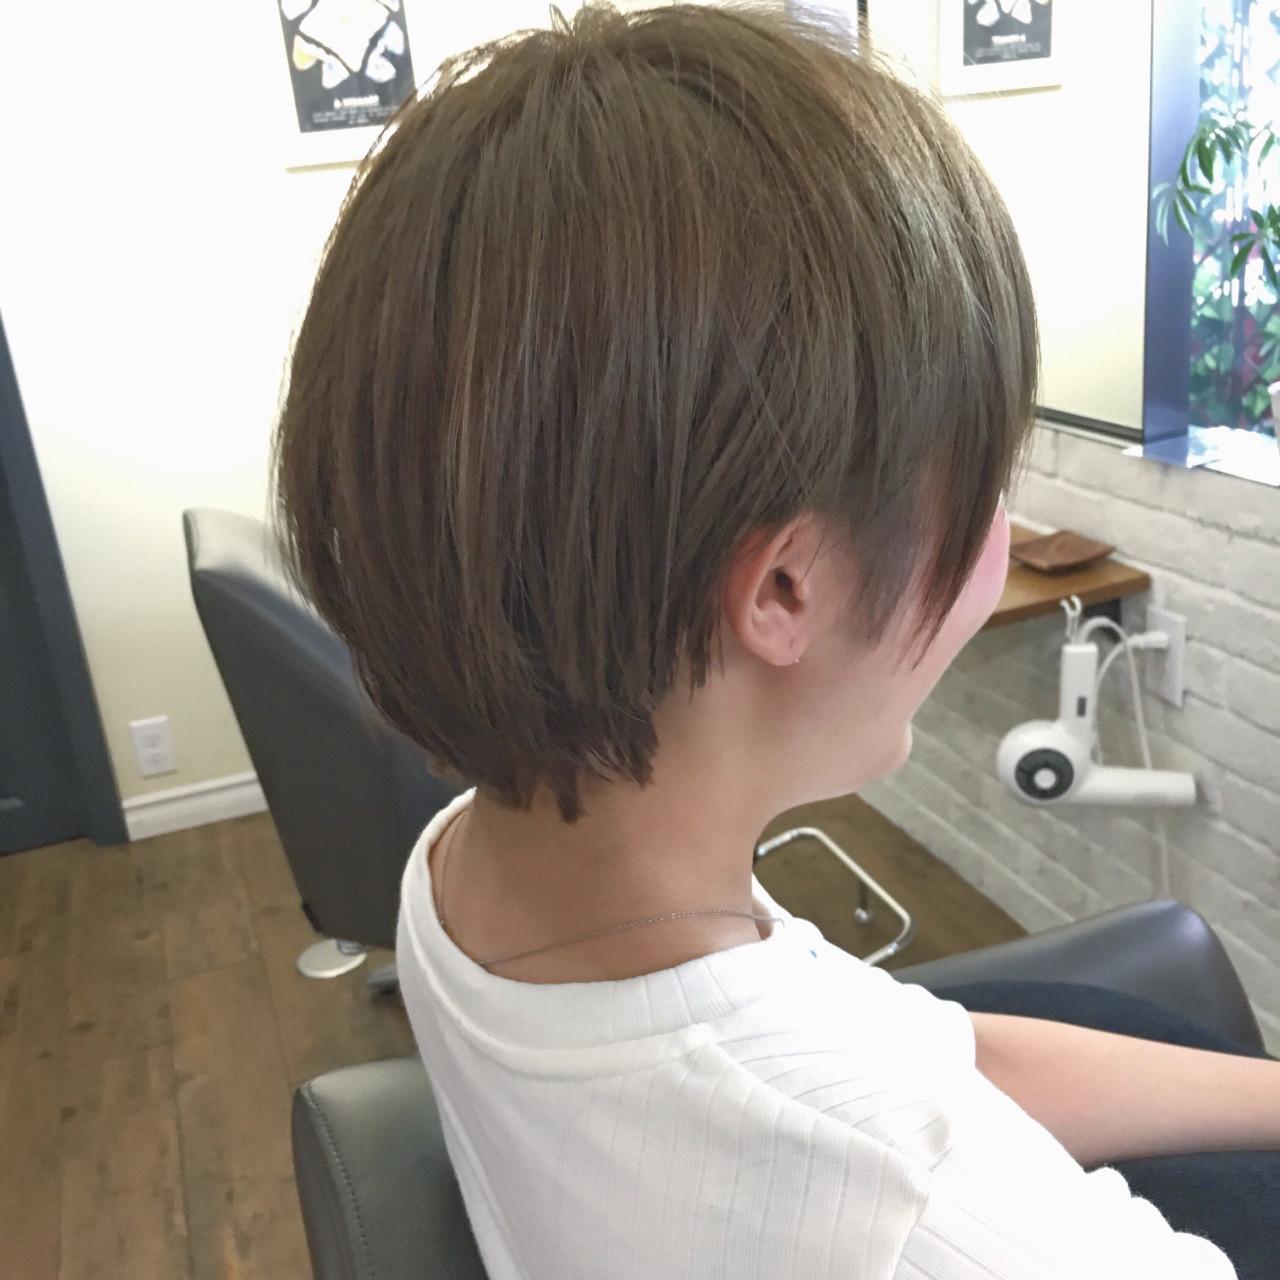 リラックス ショート ハイトーン ナチュラル ヘアスタイルや髪型の写真・画像 | 上川美幸 / carlm